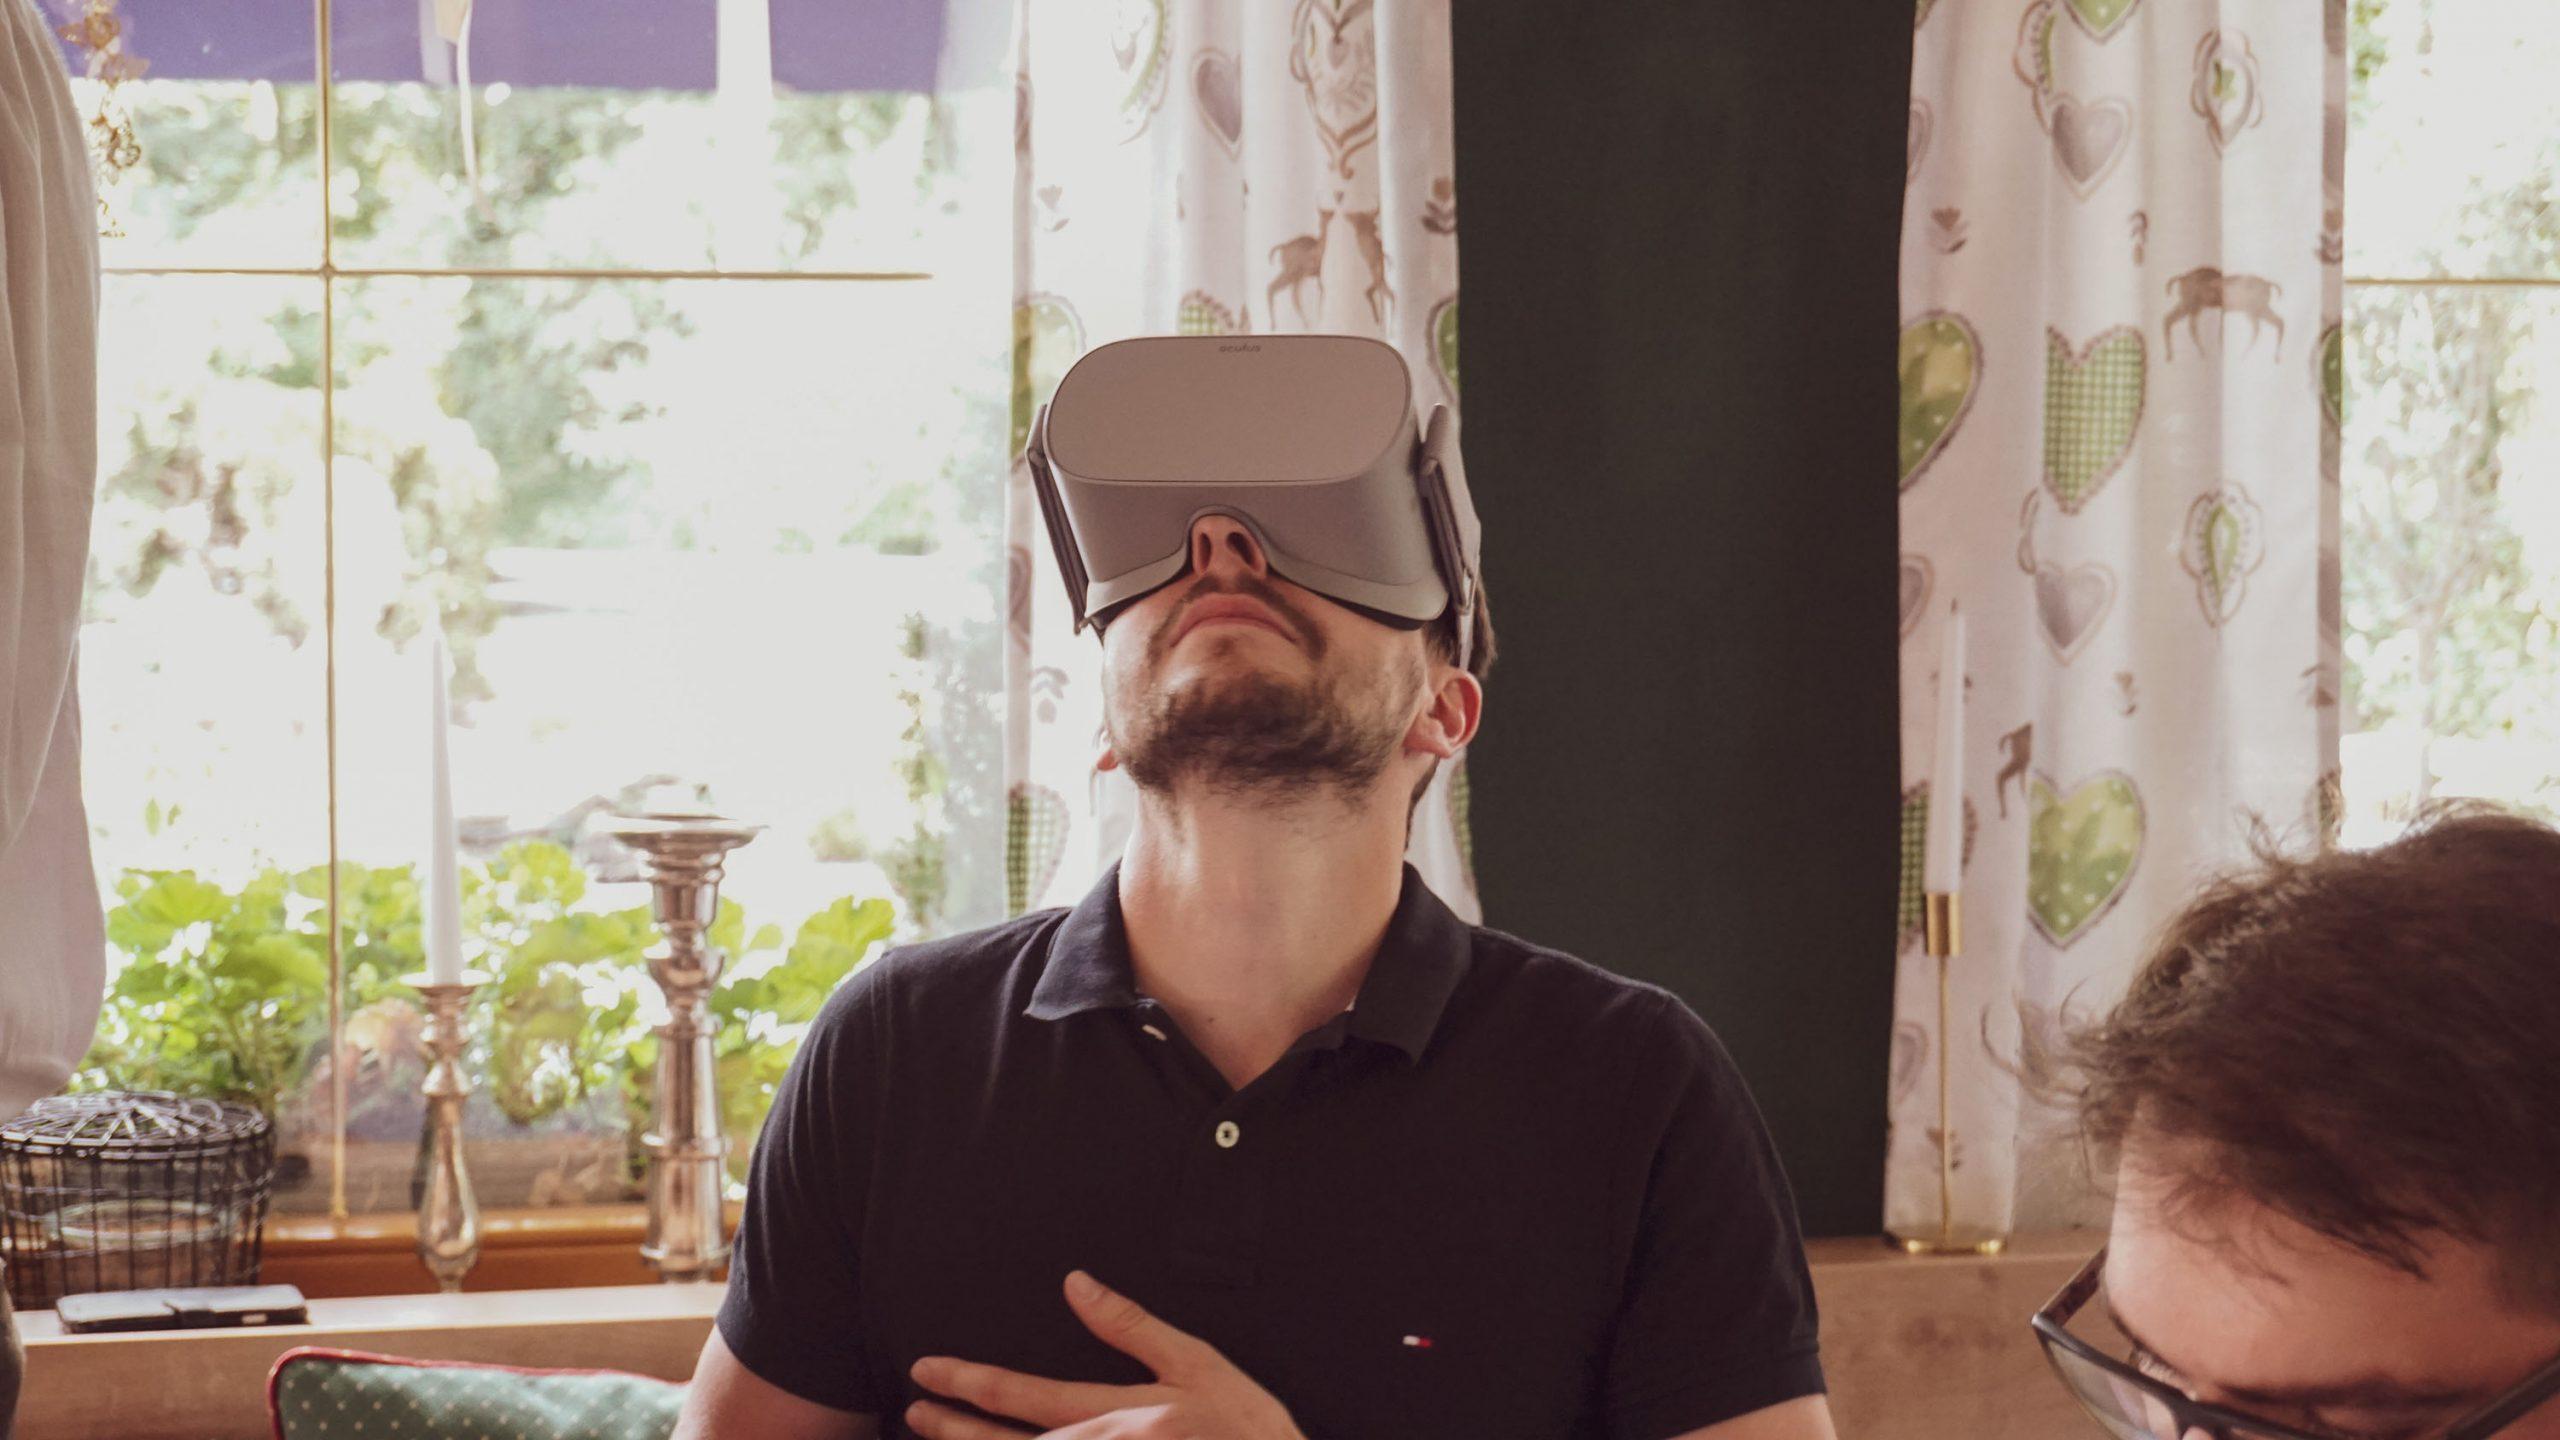 man in VR glasses